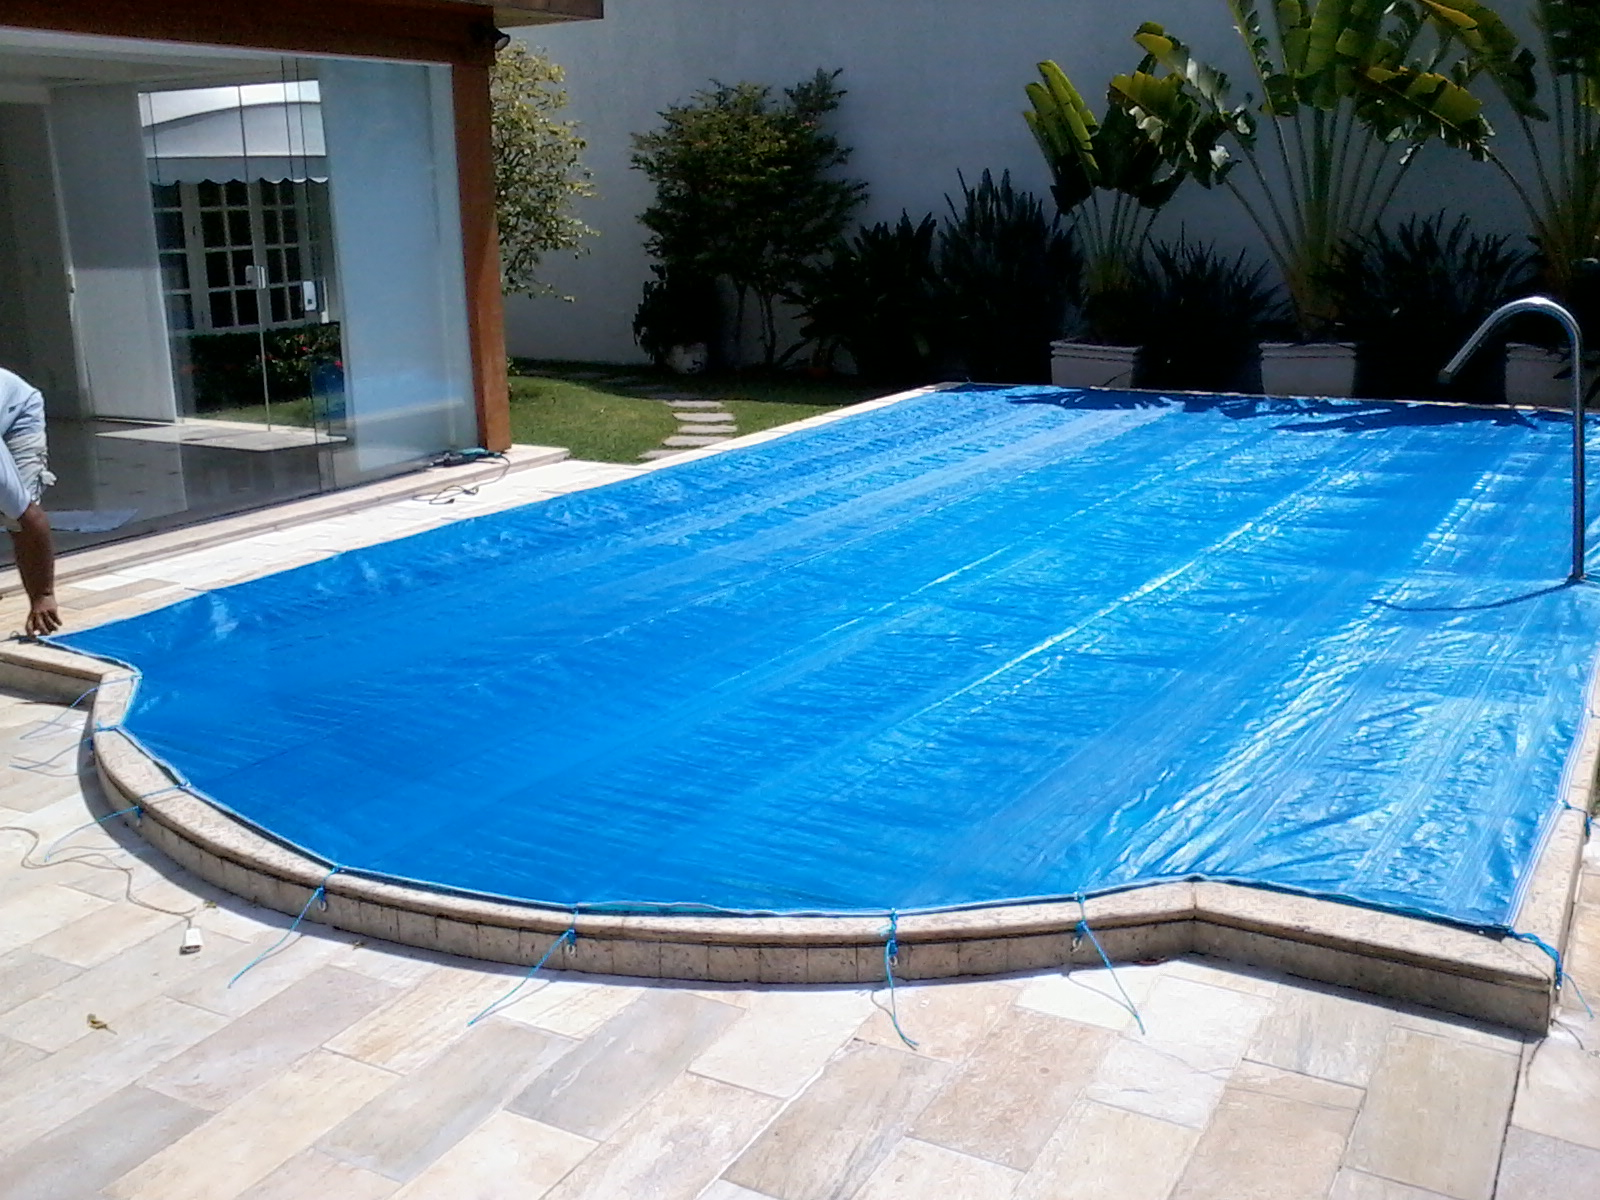 Capas para piscinas no rj capas de piscinas no rj for De k piscina